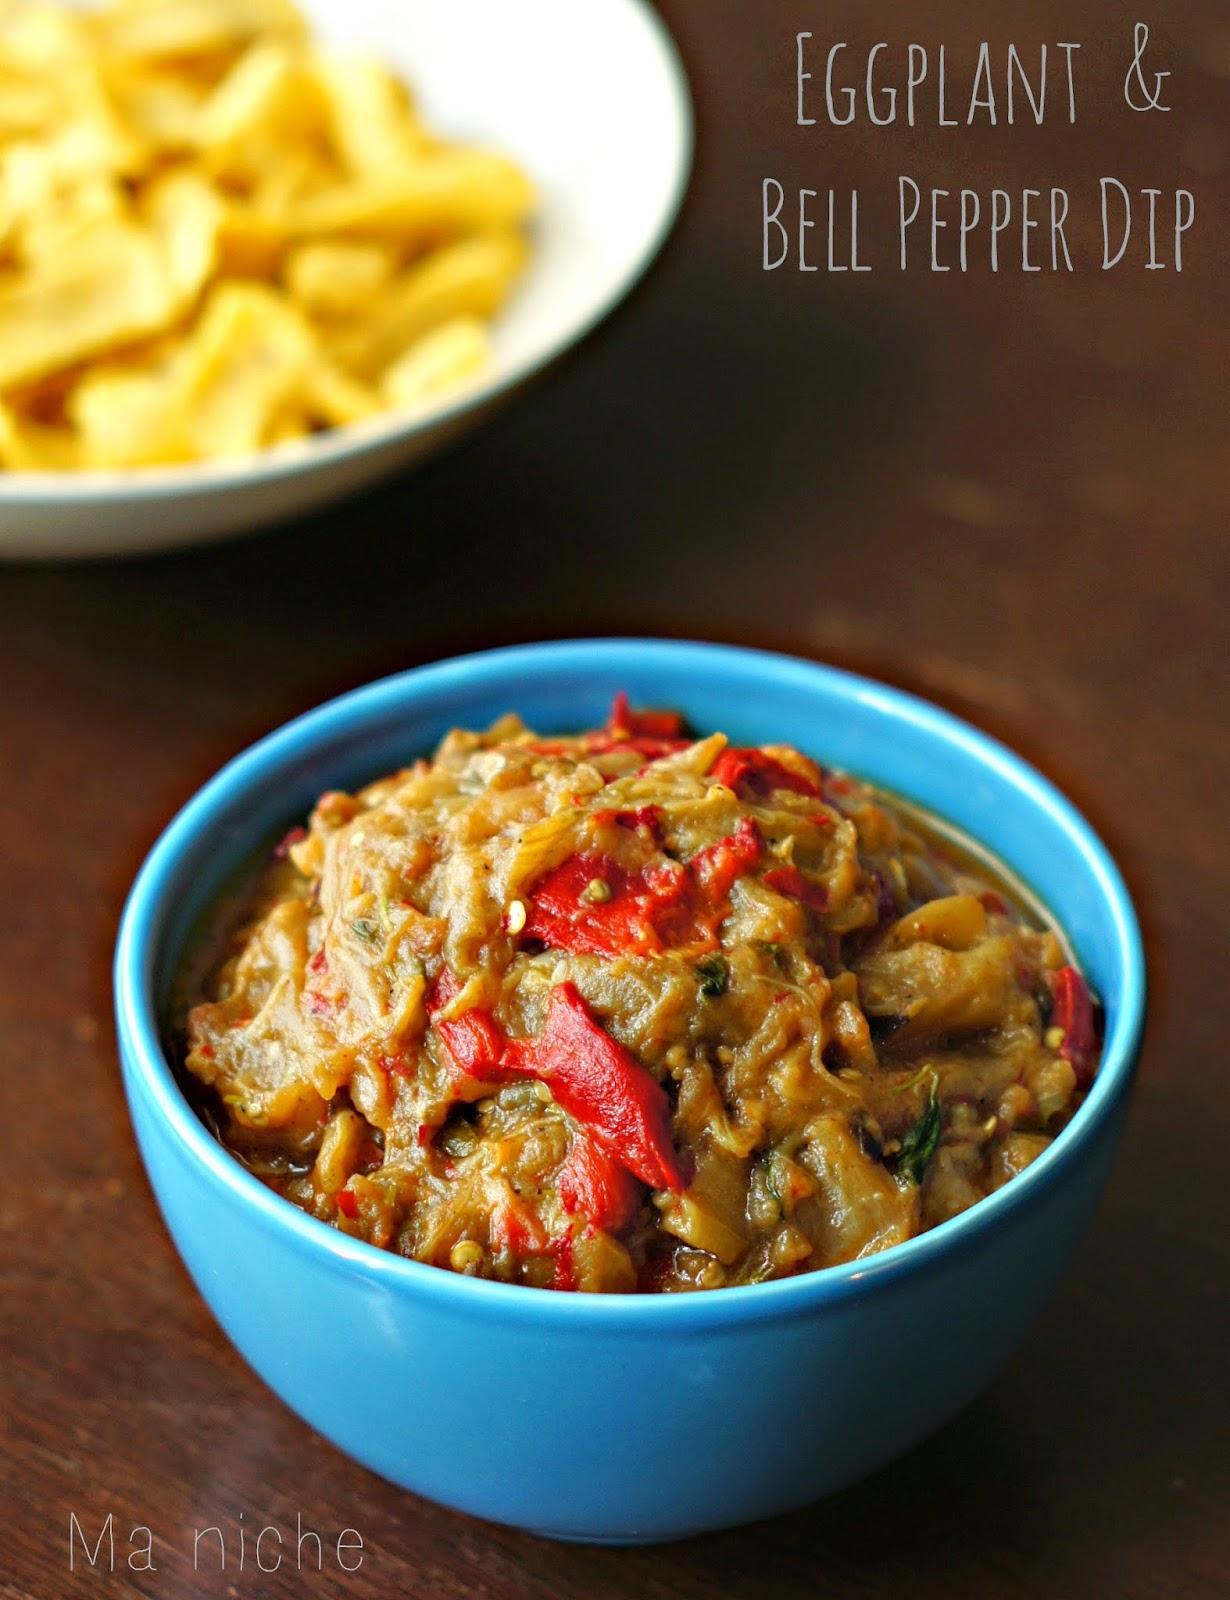 Ma Niche : Spanish Eggplant & Bell Pepper (Dip)